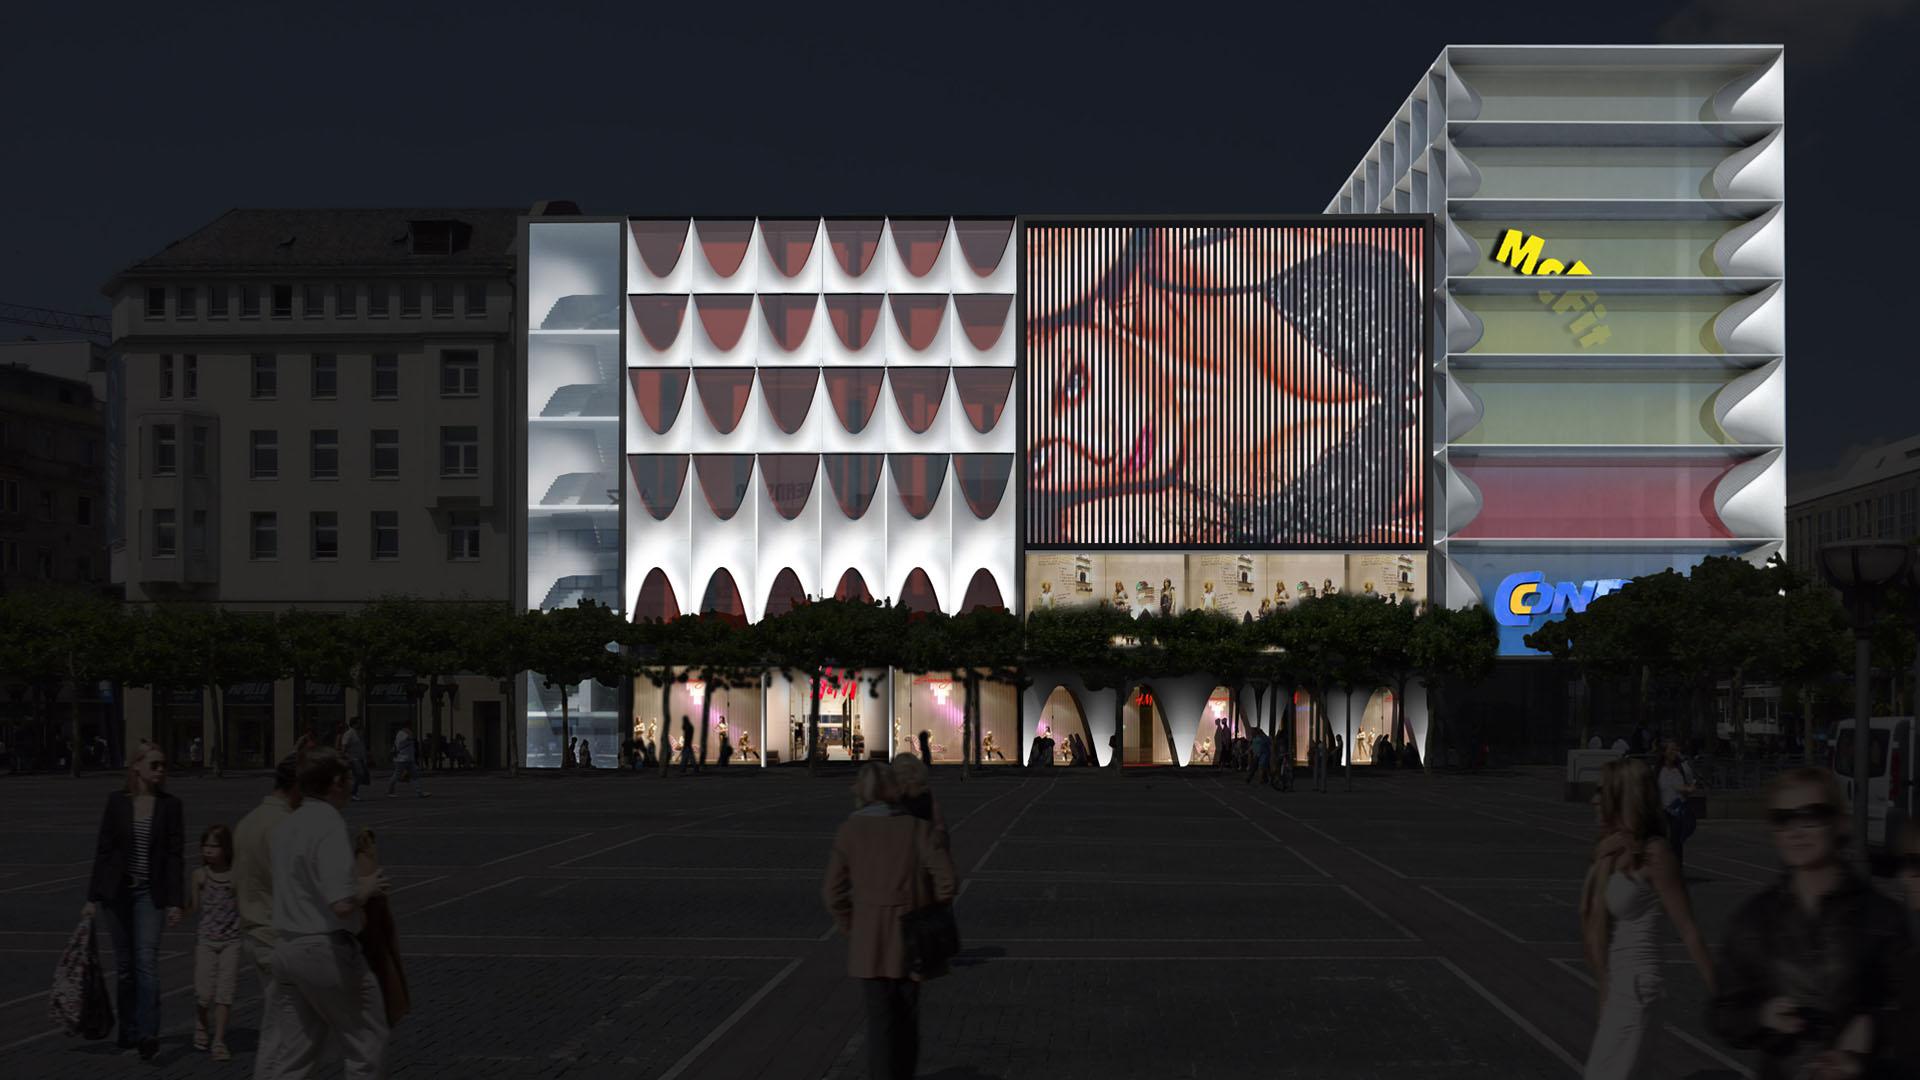 MAASS-Lichtplanung_Fassadenbeleuchtungskonzept für Frankfurter Geschäftshaus__MAASS-Zeil-003